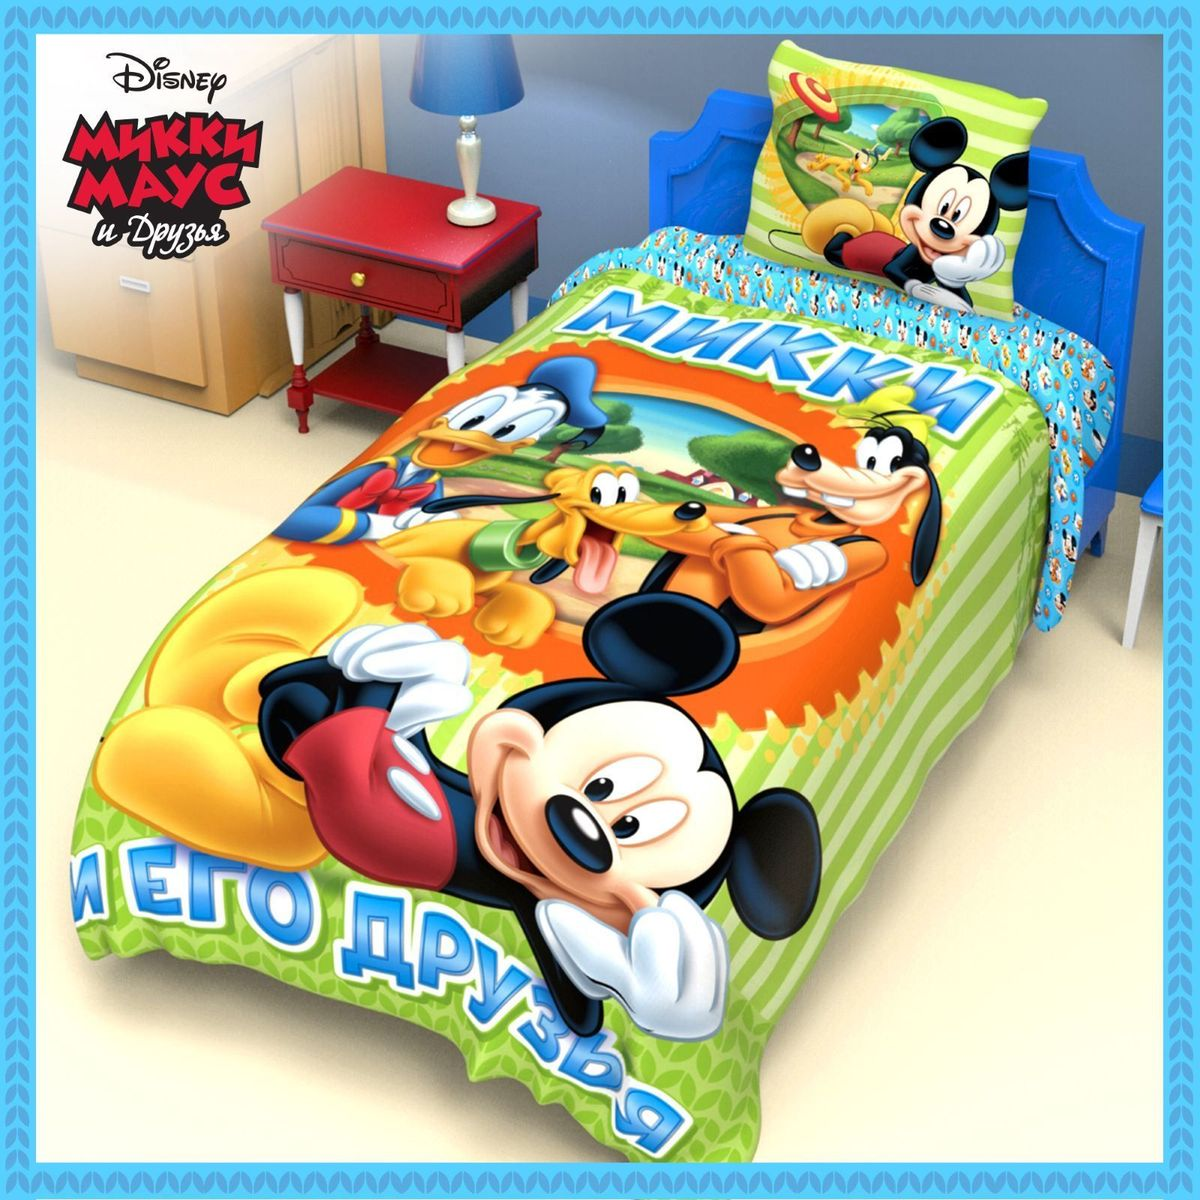 Disney Комплект детского постельного белья Микки Маус и его друзья 1,5 спальноеCLP446Disney совместно с ТМ «Этель» представляет коллекцию детского постельного белья с изображением популярных анимационных персонажей. Осуществите заветную мечту ребёнка, позвольте ему окунуться в волшебный мир сказок, где любимые персонажи создадут атмосферу тепла и уюта для вашего малыша. Постельное бельё изготовлено из уникального мягкого, тонкого и прочного материала — поплин (100% хлопок, 125 г/м2). Ткань создаётся из высоких сортов хлопка, нить получается плотная и гладкая. Такая ткань лучше прокрашивается, рисунок держится дольше и не выстирывается, ткань износостойкая и не даёт усадку. В производстве белья используется современное оборудование и технологии, а также безопасные красители. Профессиональные дизайнеры совместно с Disney разрабатывают дизайн каждого комплекта с особым вдохновением, тщательностью и заботой.